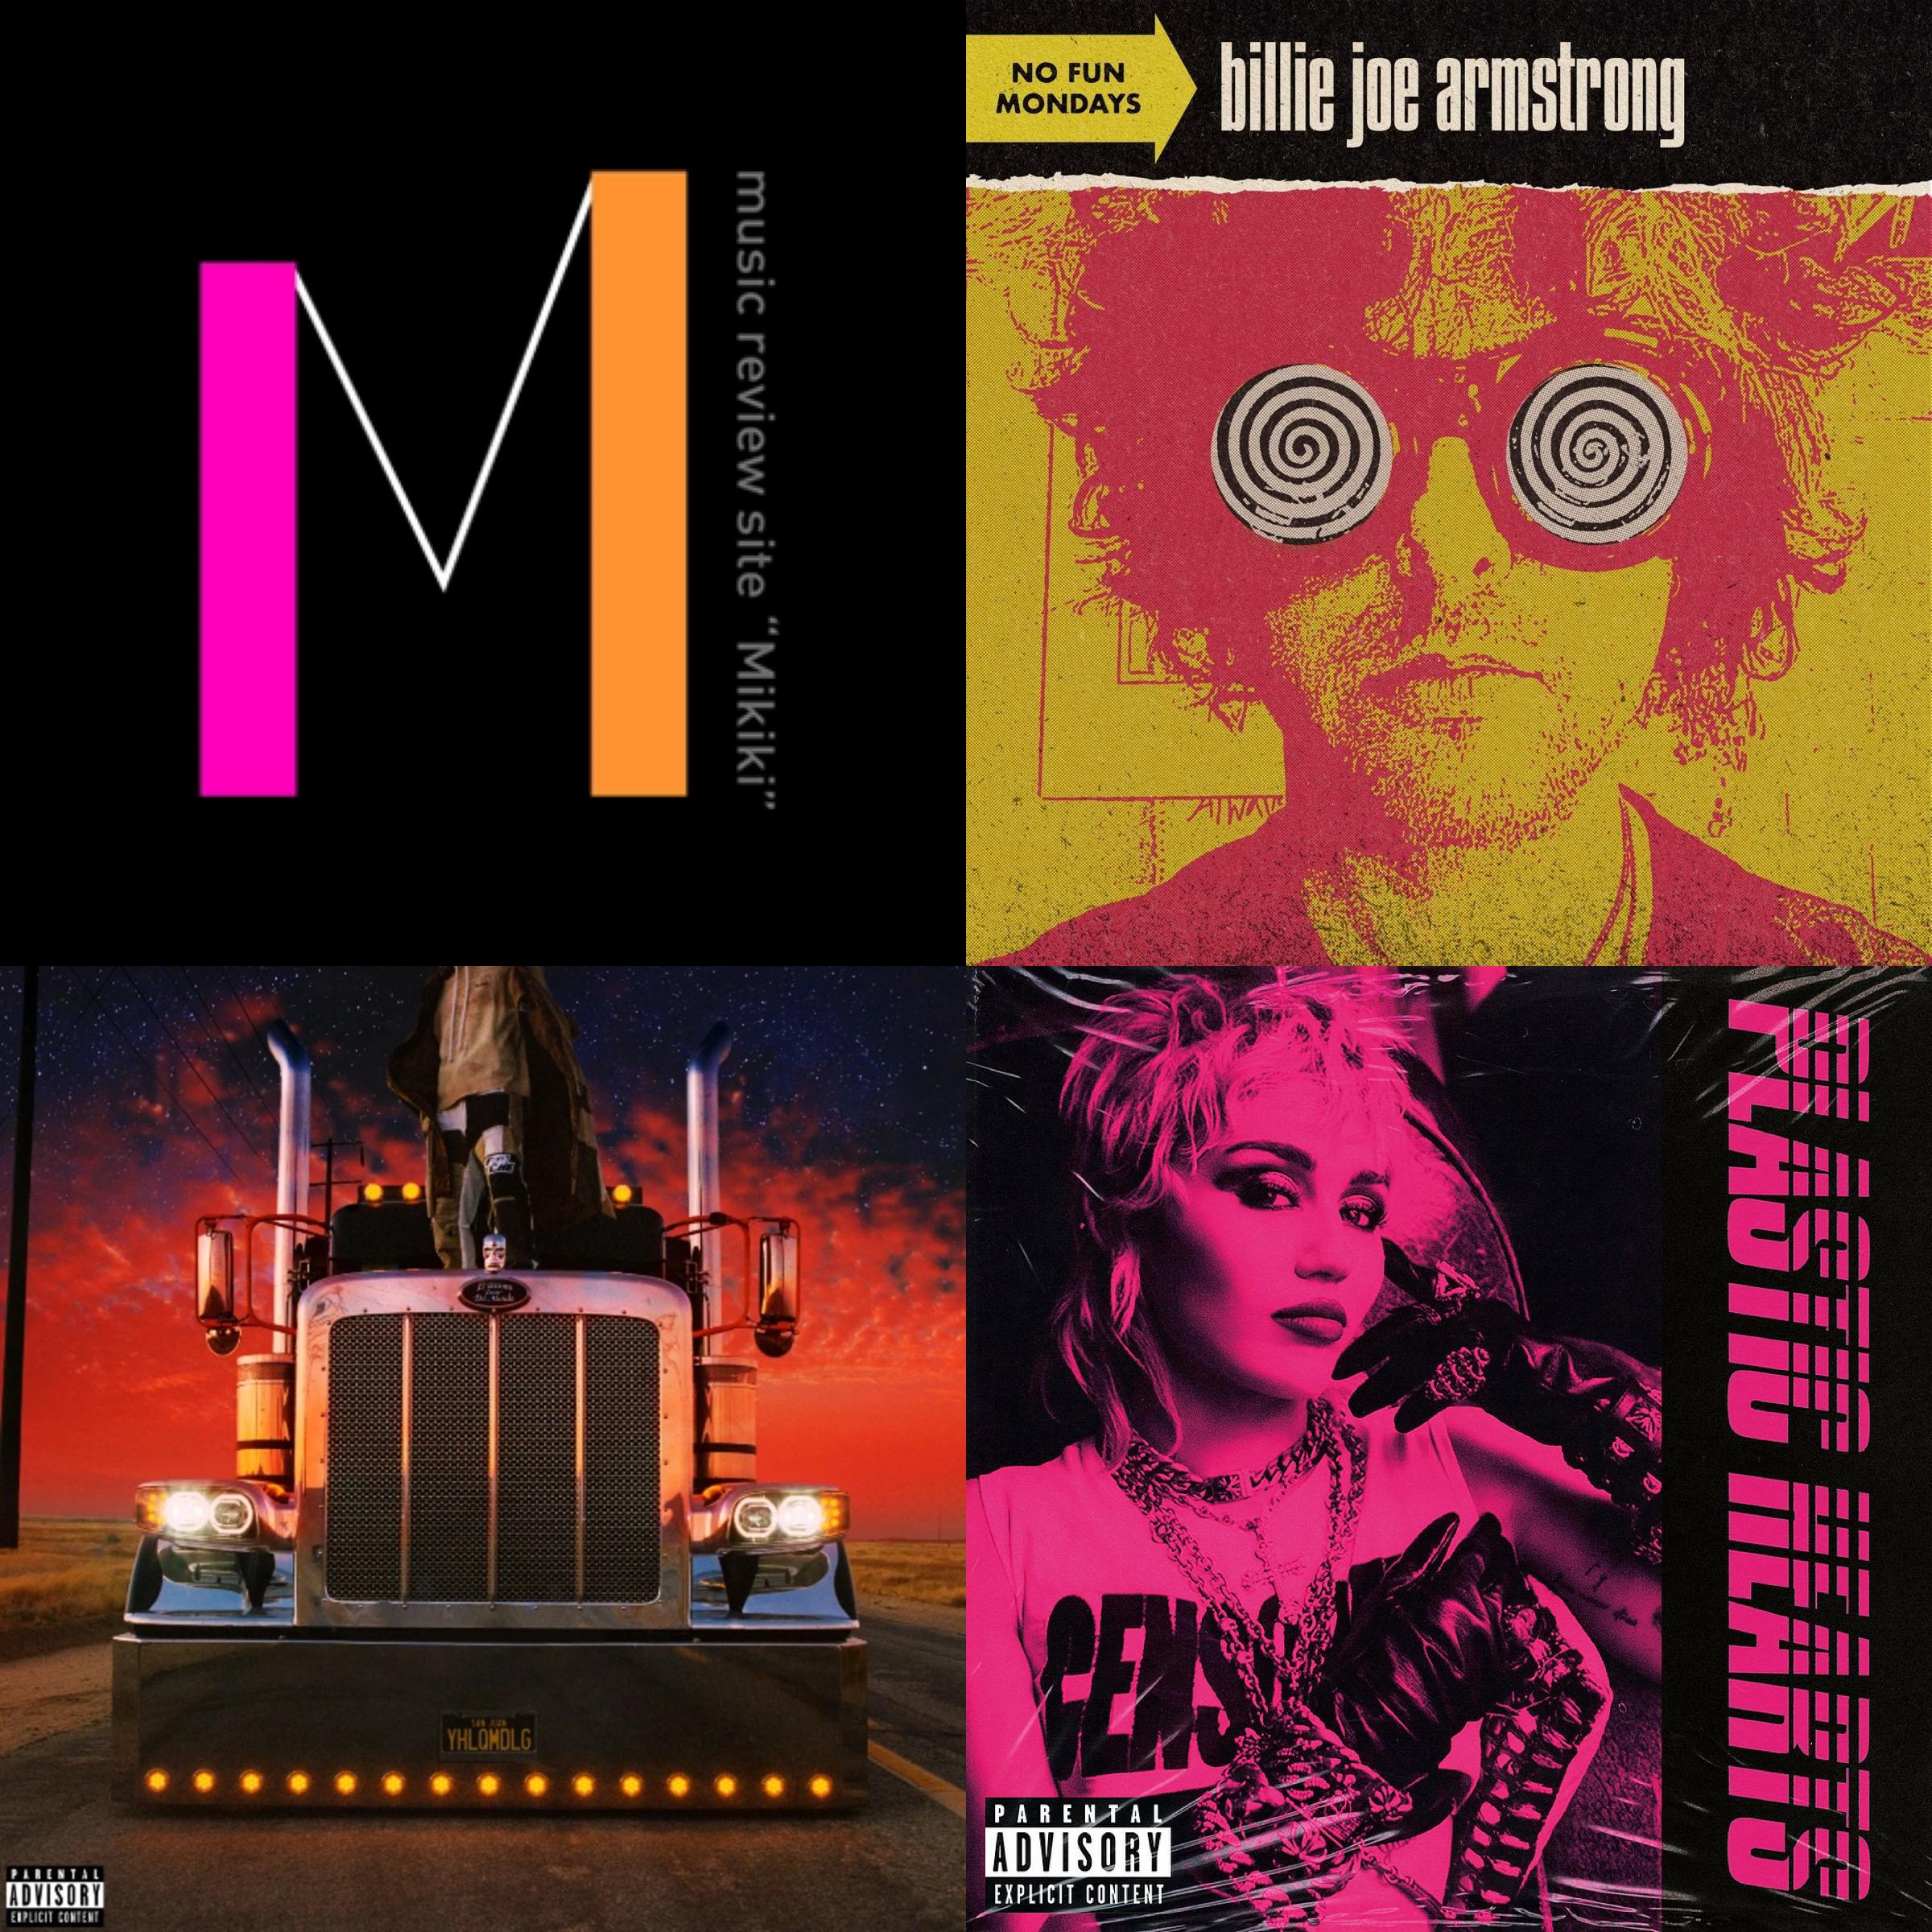 マイリー・サイラス(Miley Cyrus)やバッド・バニー(Bad Bunny)など今週リリースのMikiki推し洋楽アルバム/EP7選!